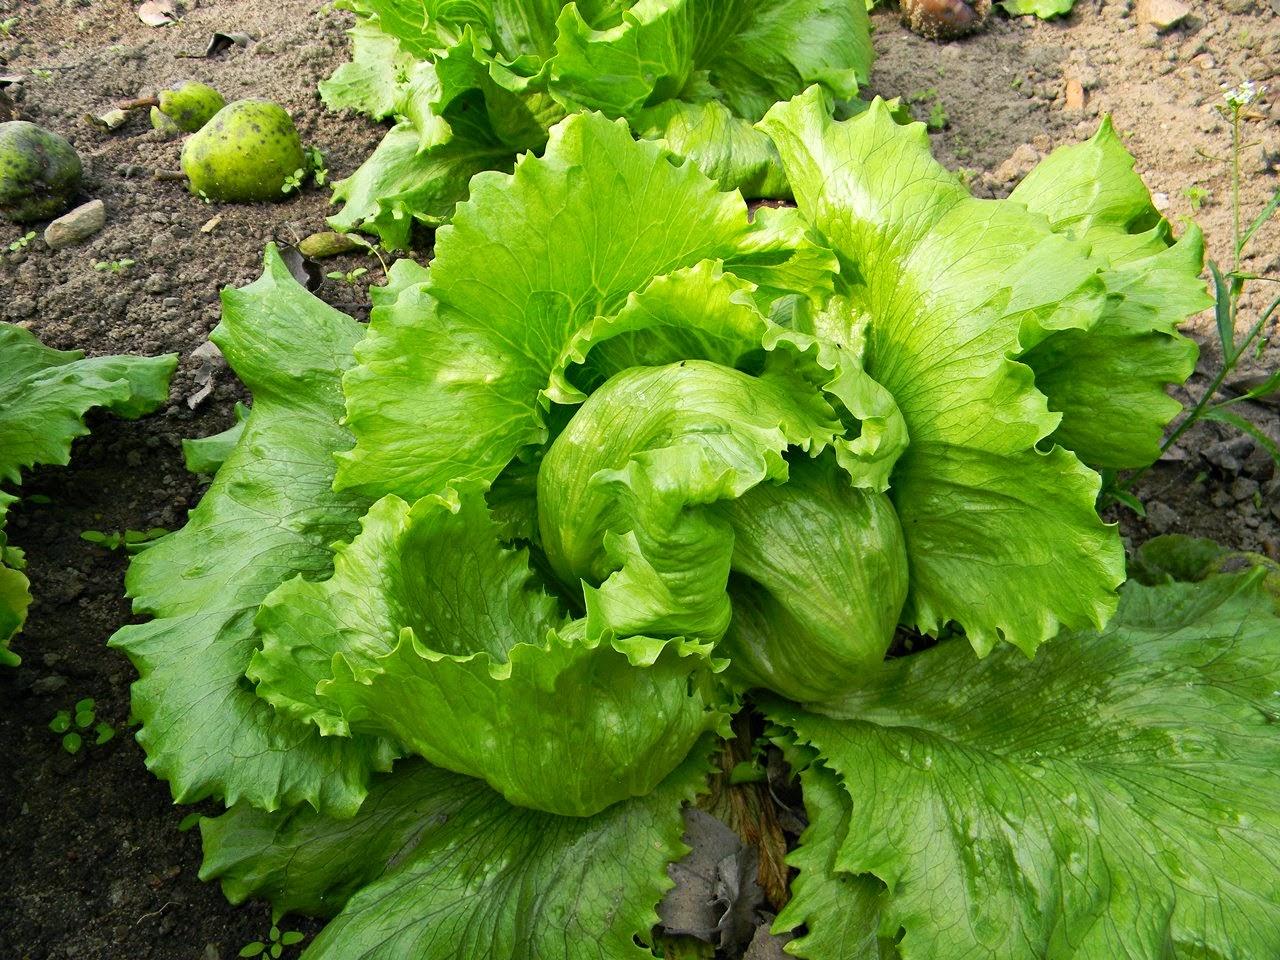 uprawy w ogródku